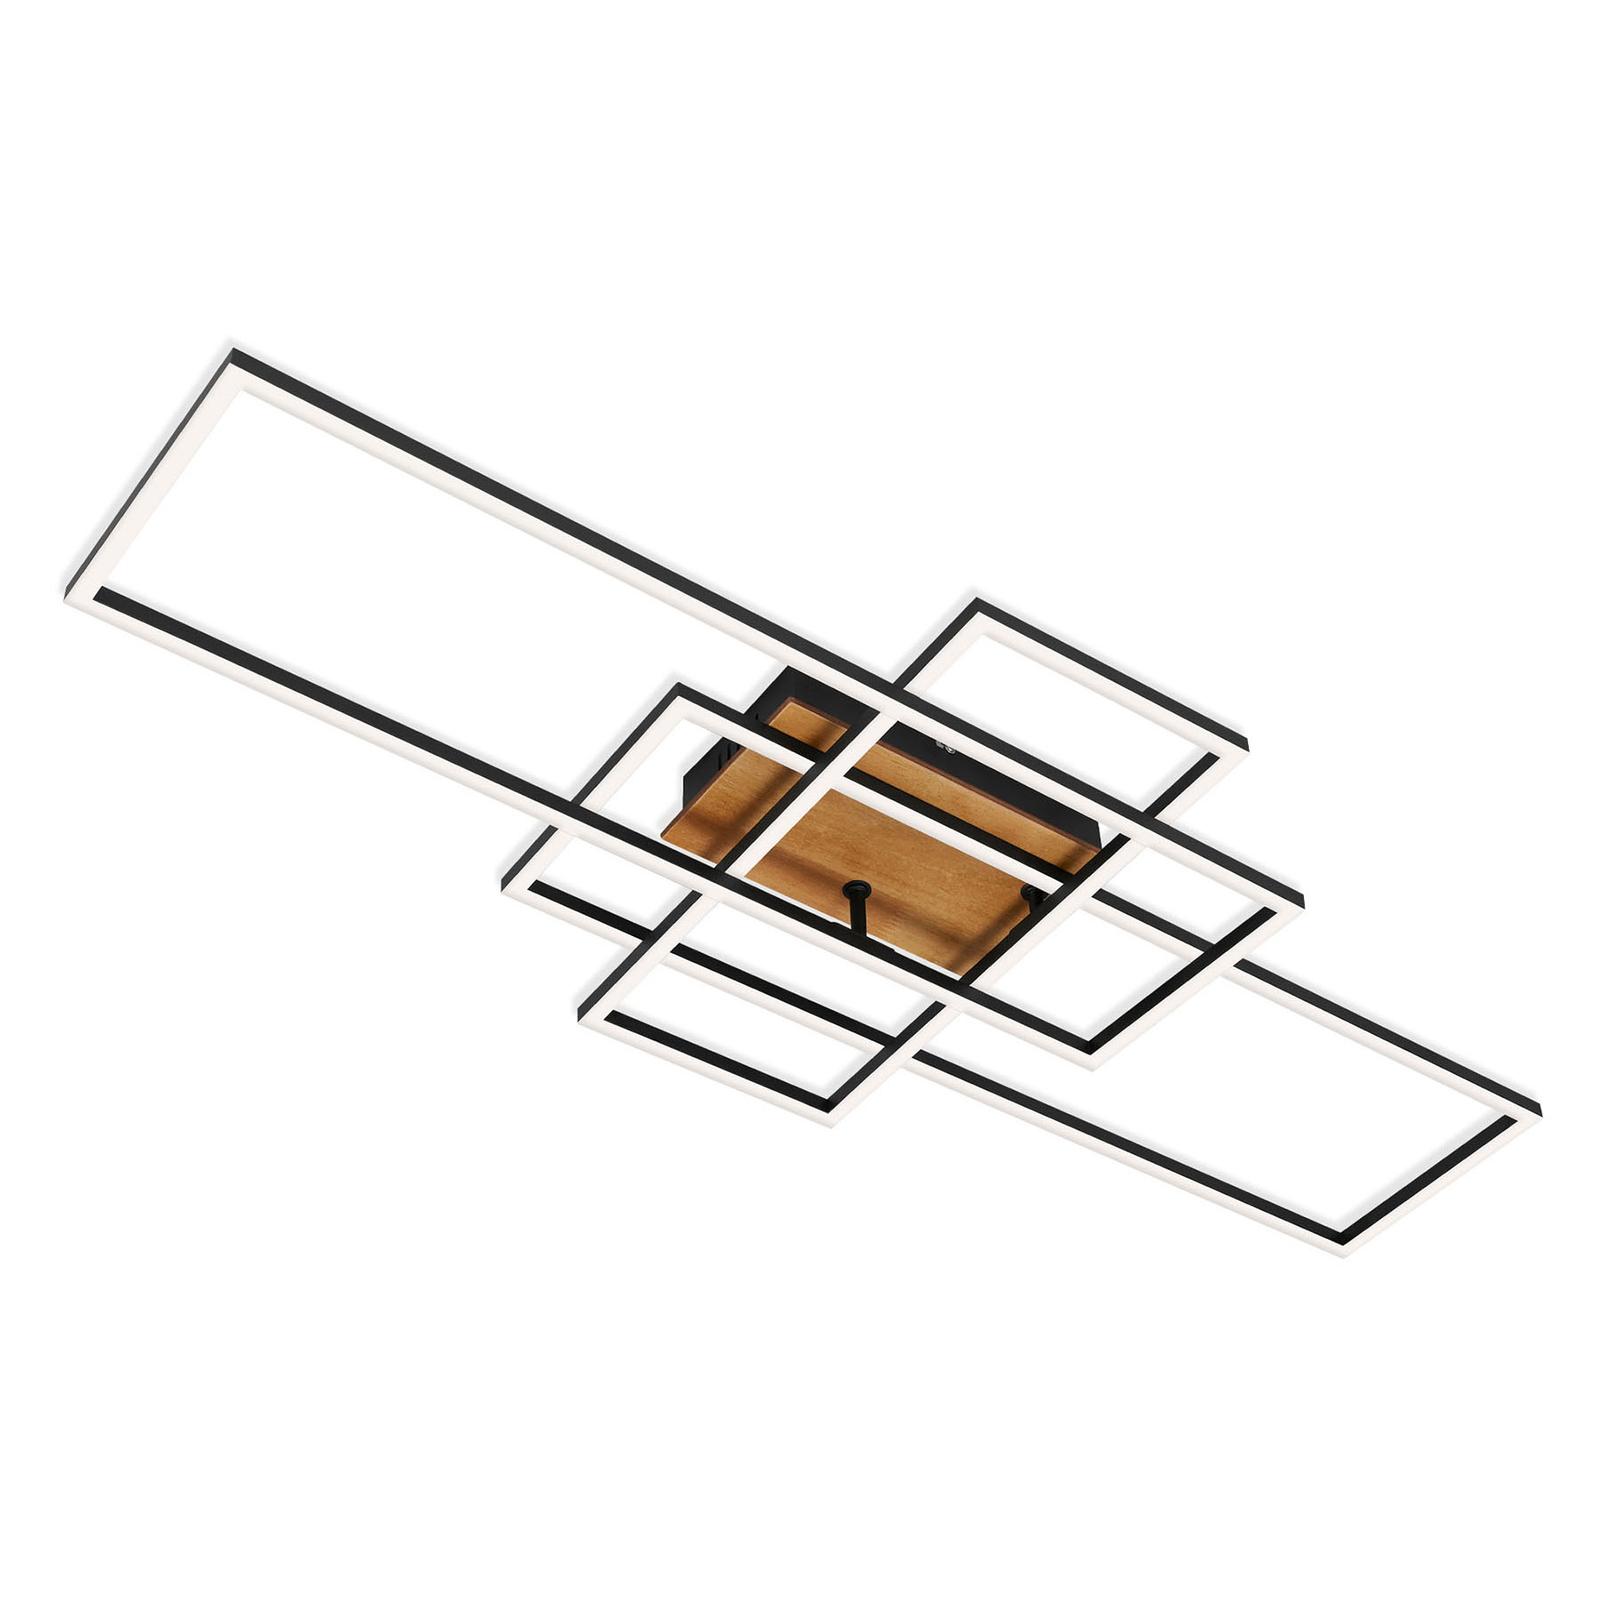 Stropní světlo Frame CCT ovladač černá/dřevo